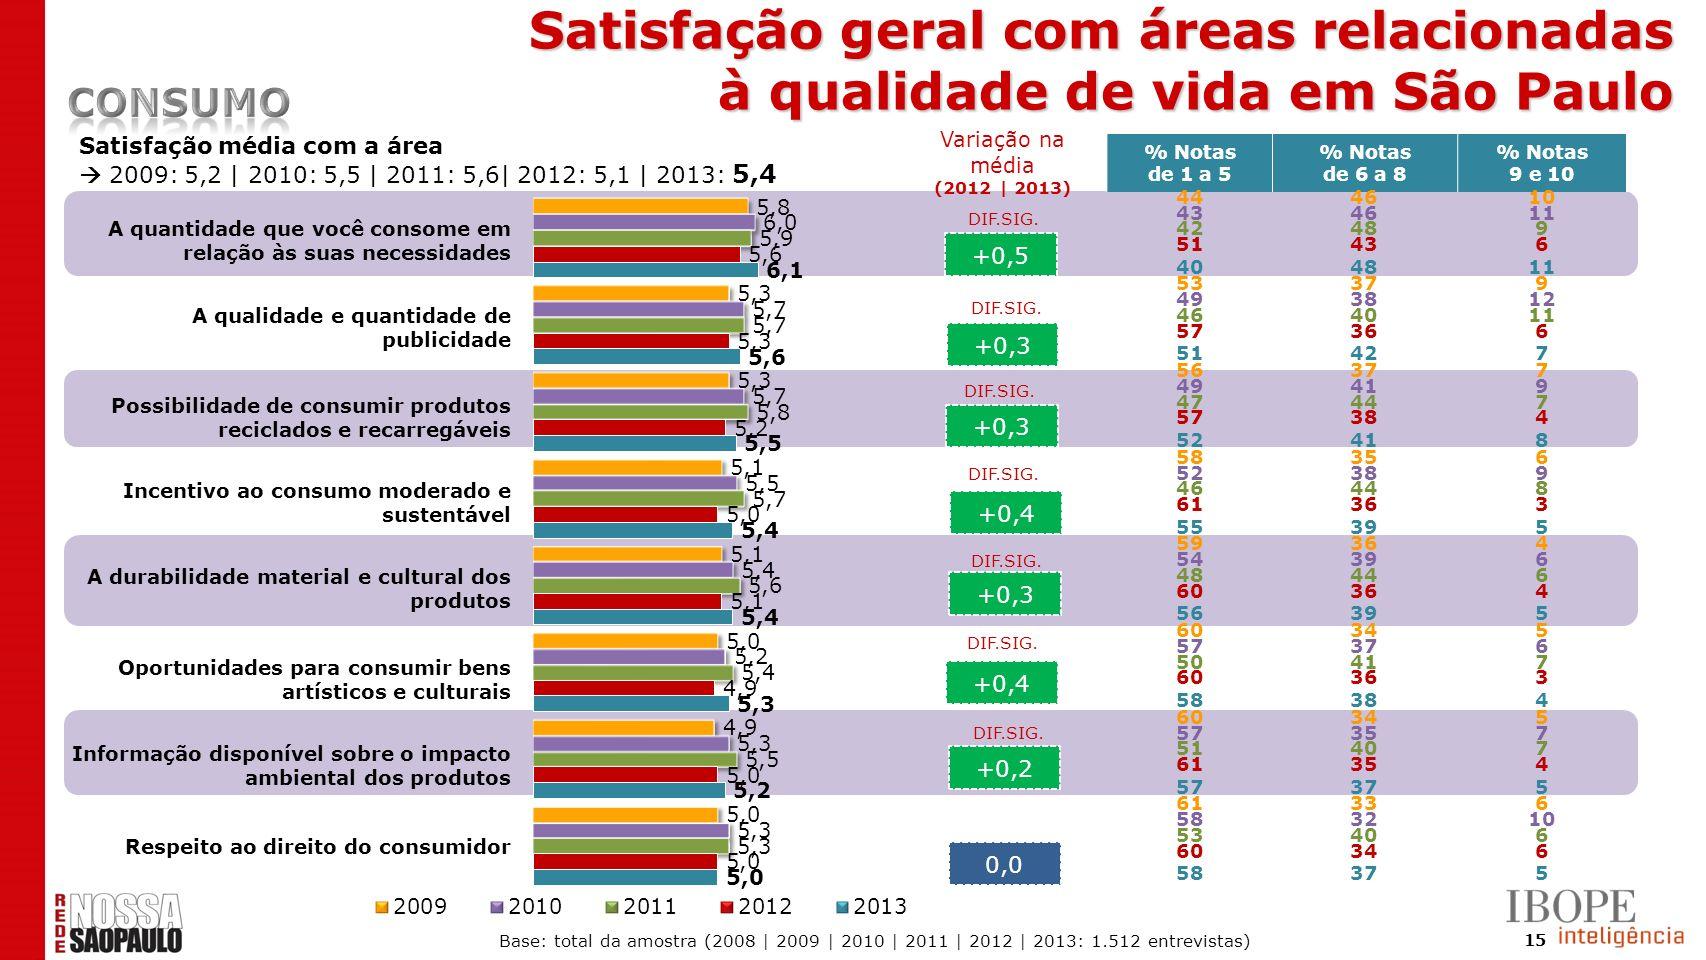 Satisfação geral com áreas relacionadas à qualidade de vida em São Paulo